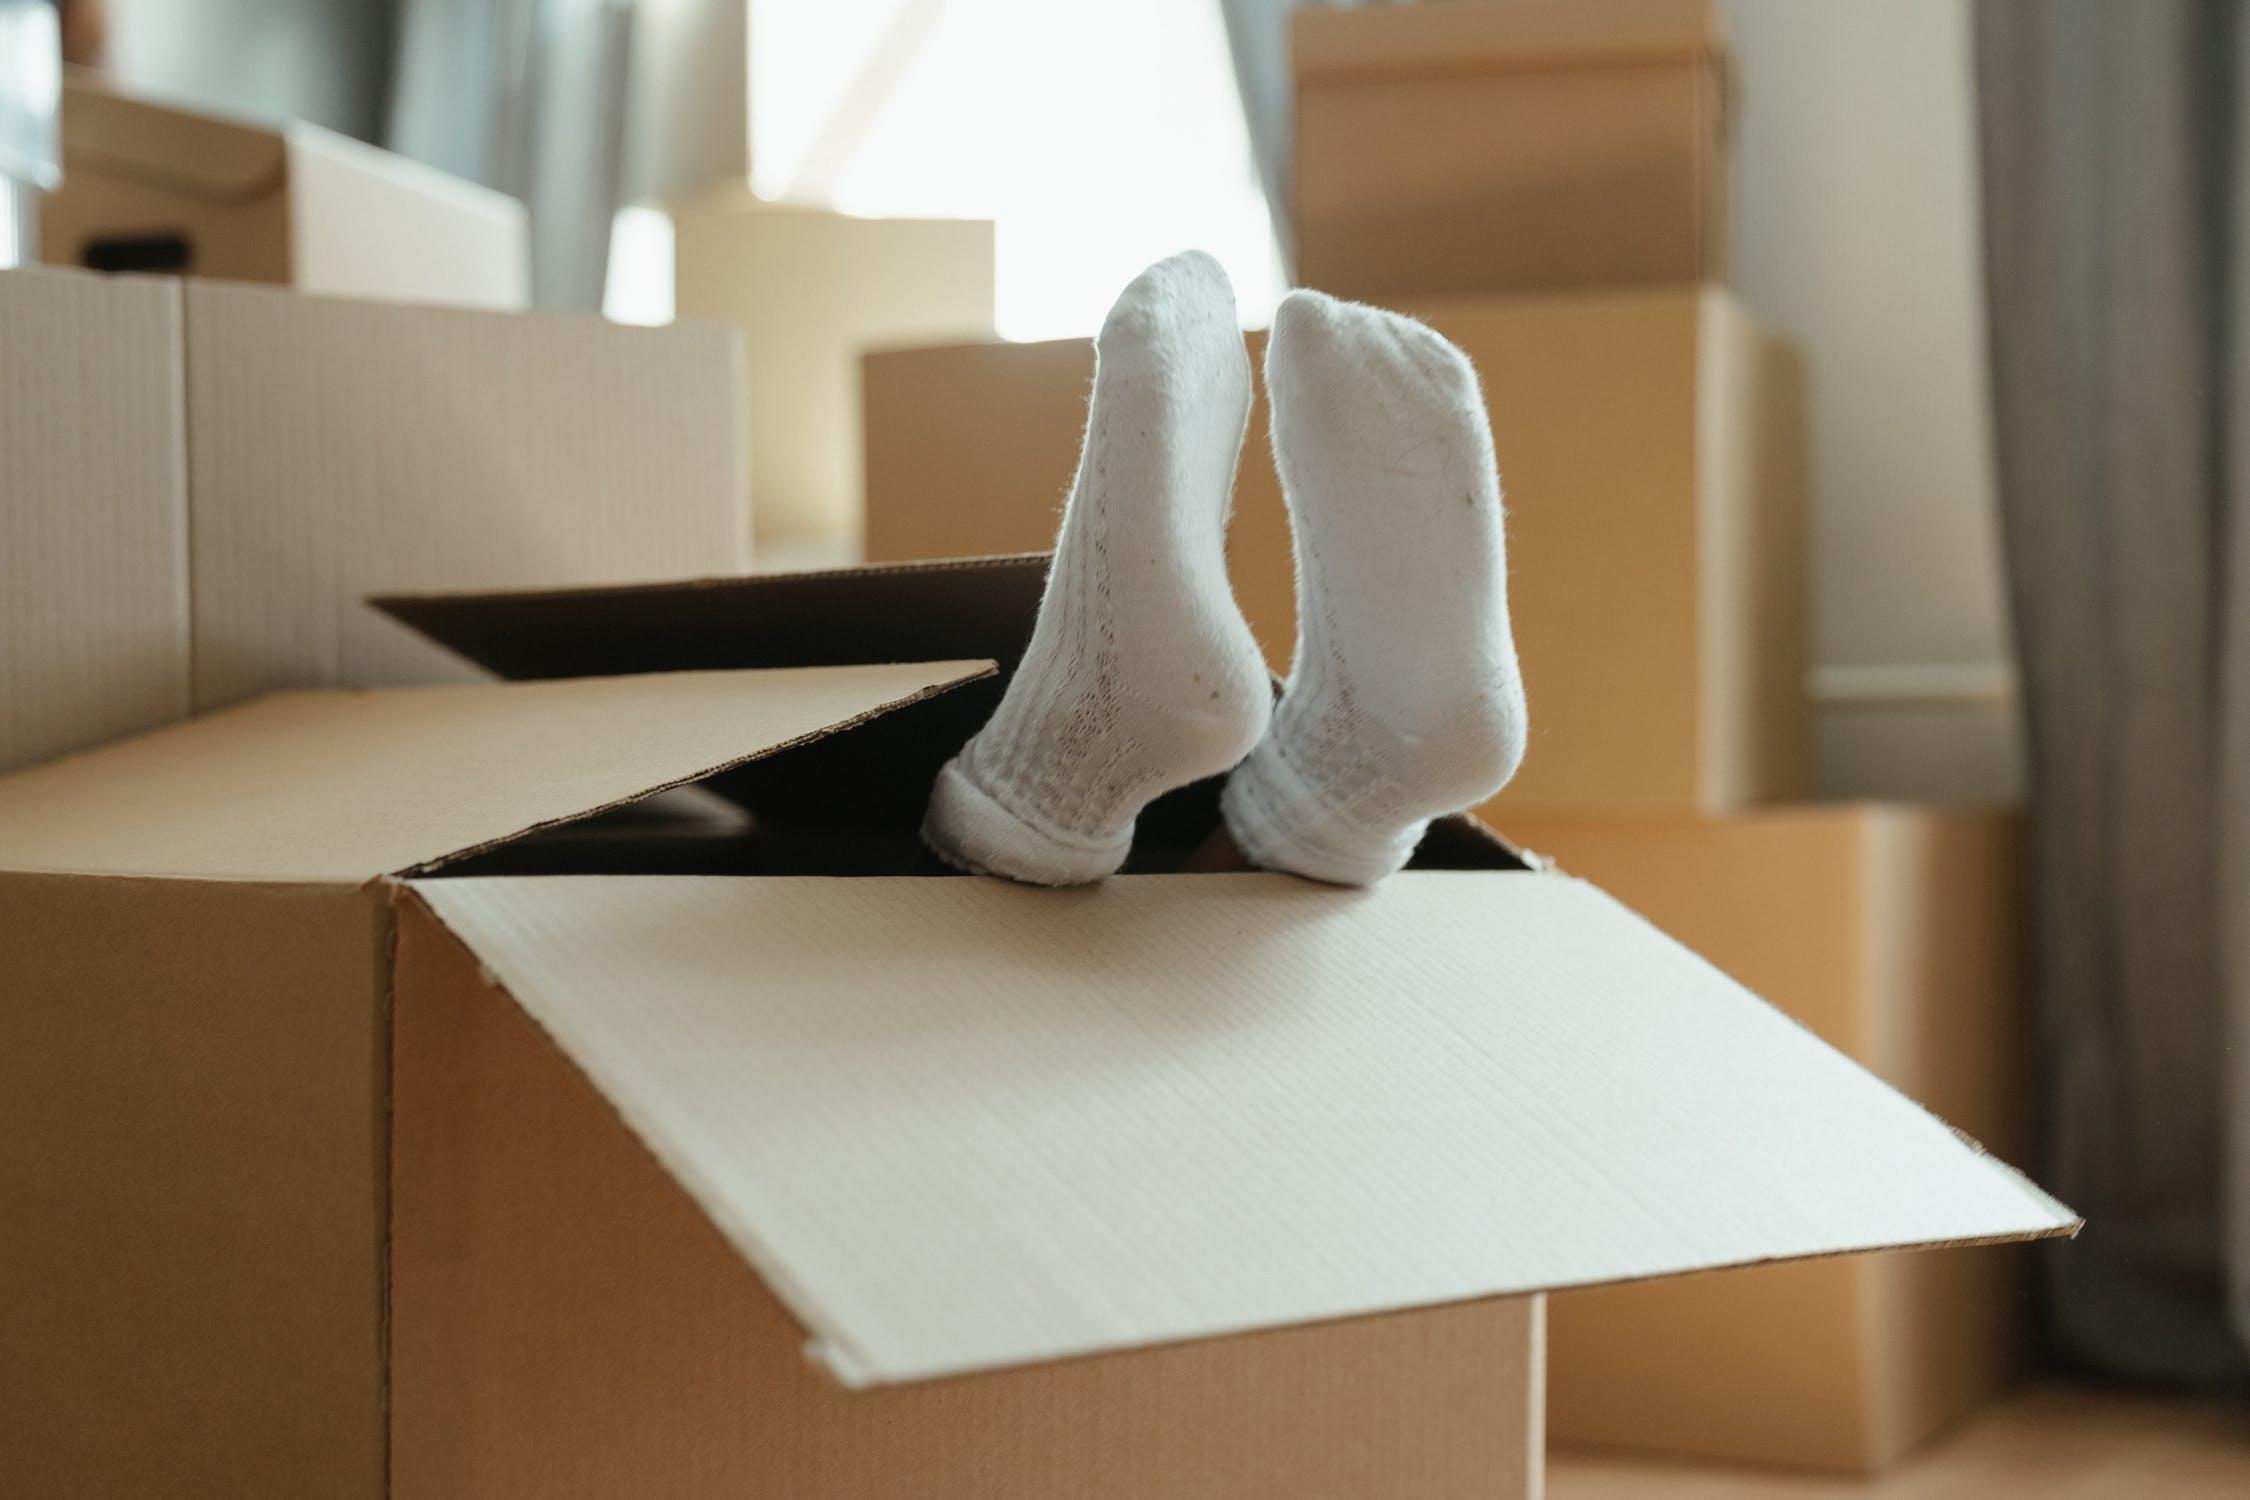 stocker ses affaires quand vous déménagez dans un logement plus petit